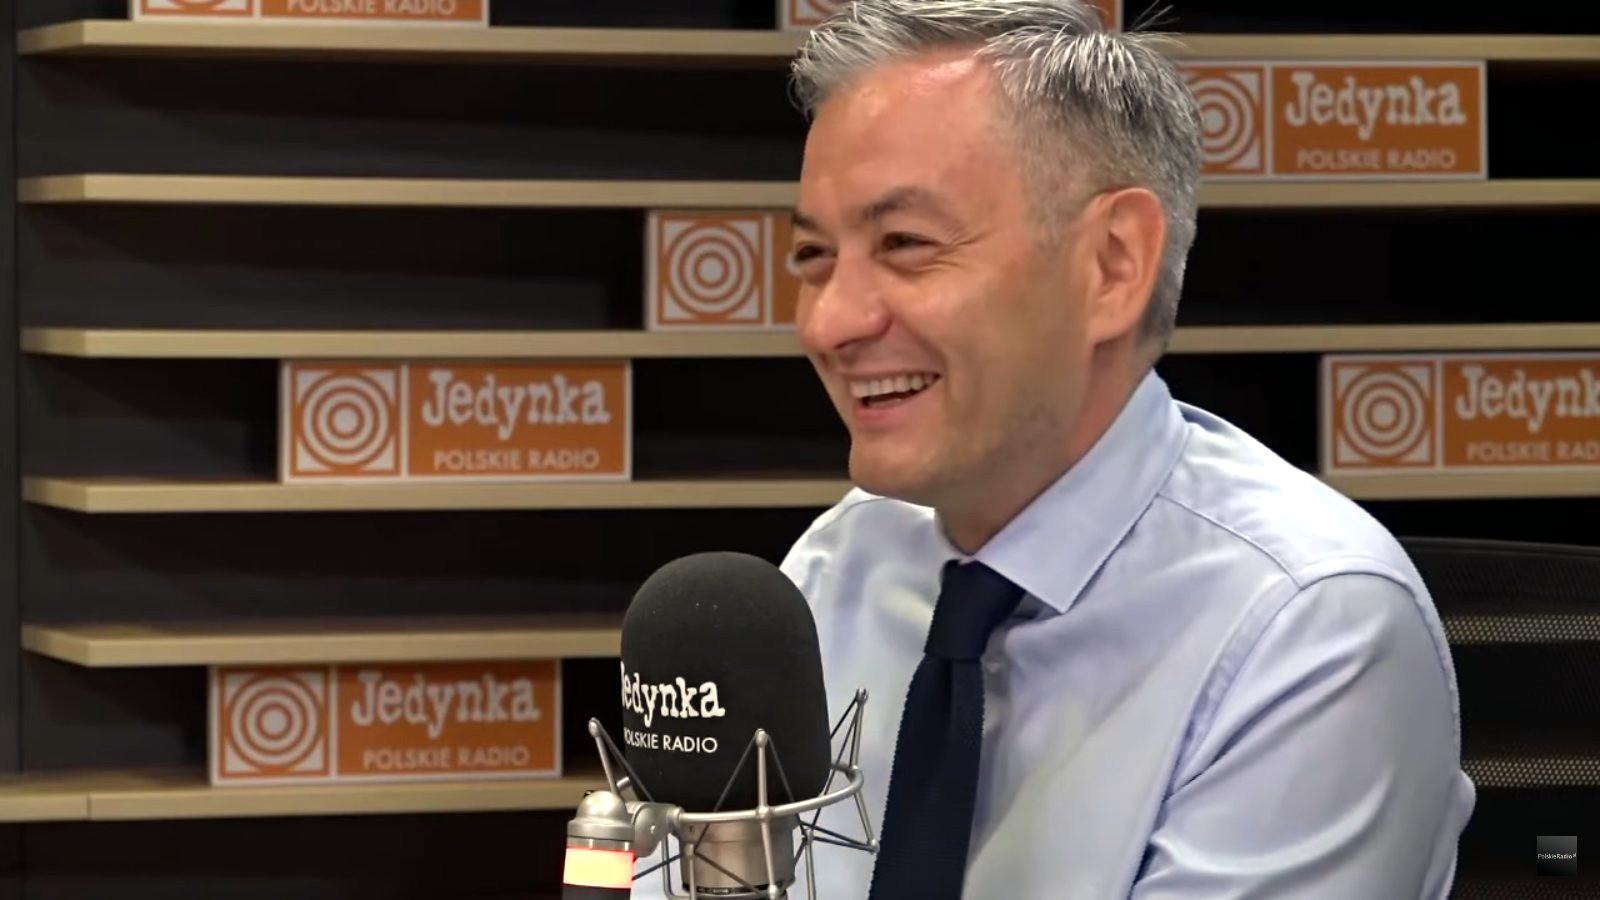 propolski.pl: Robert Biedroń zadrwił sobie z PiS